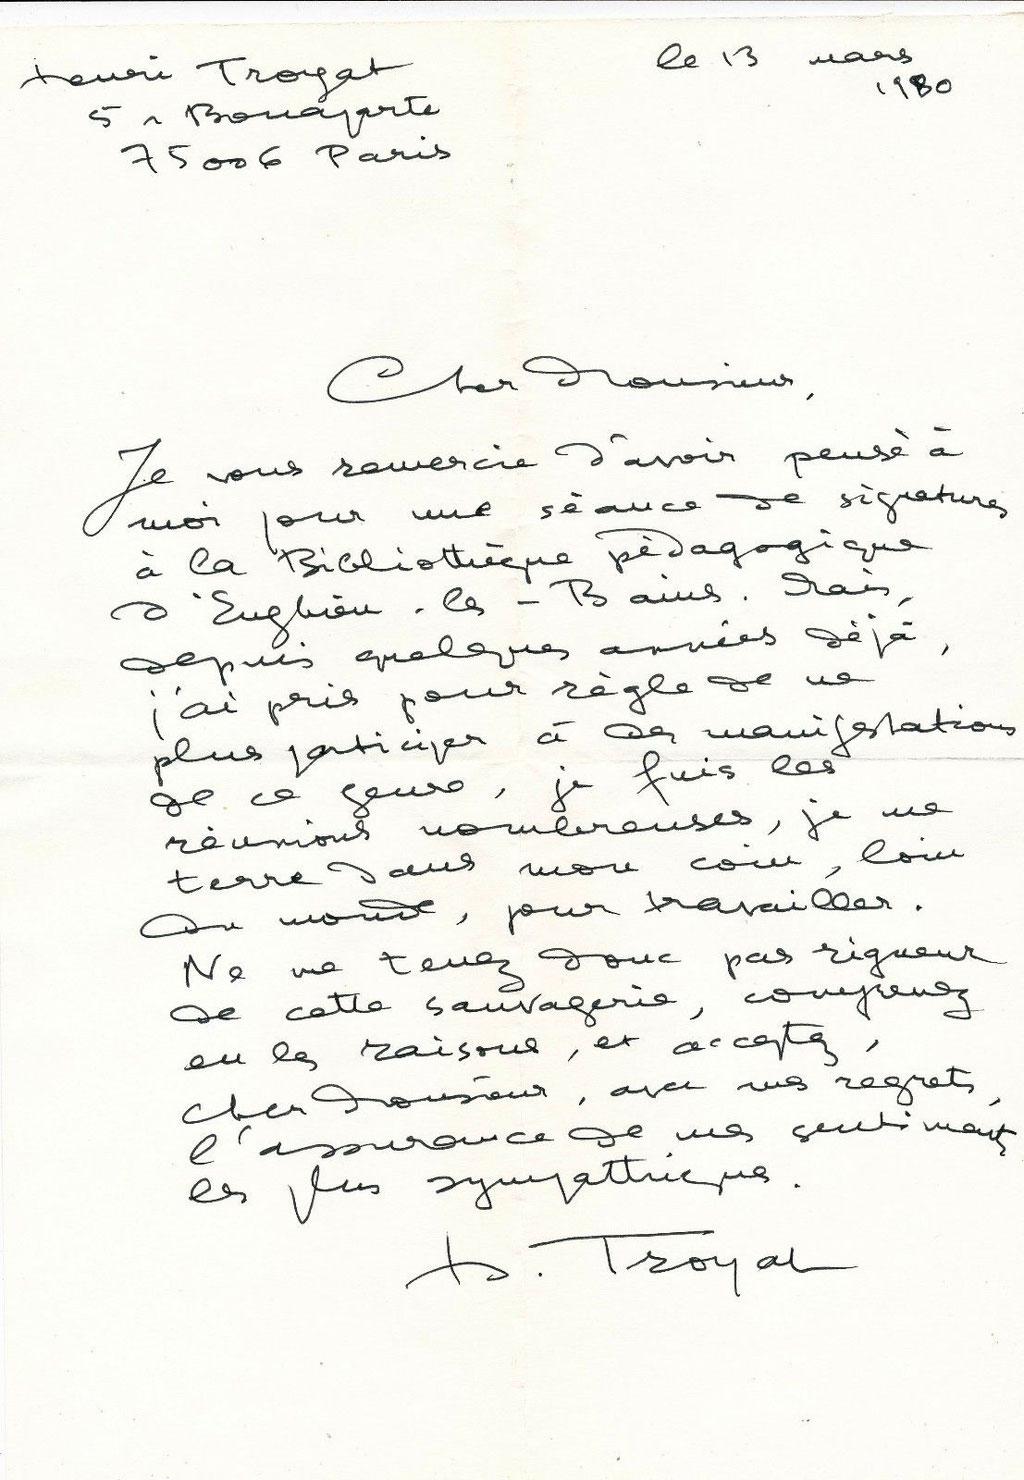 Henri Troyat lettre autographe signée